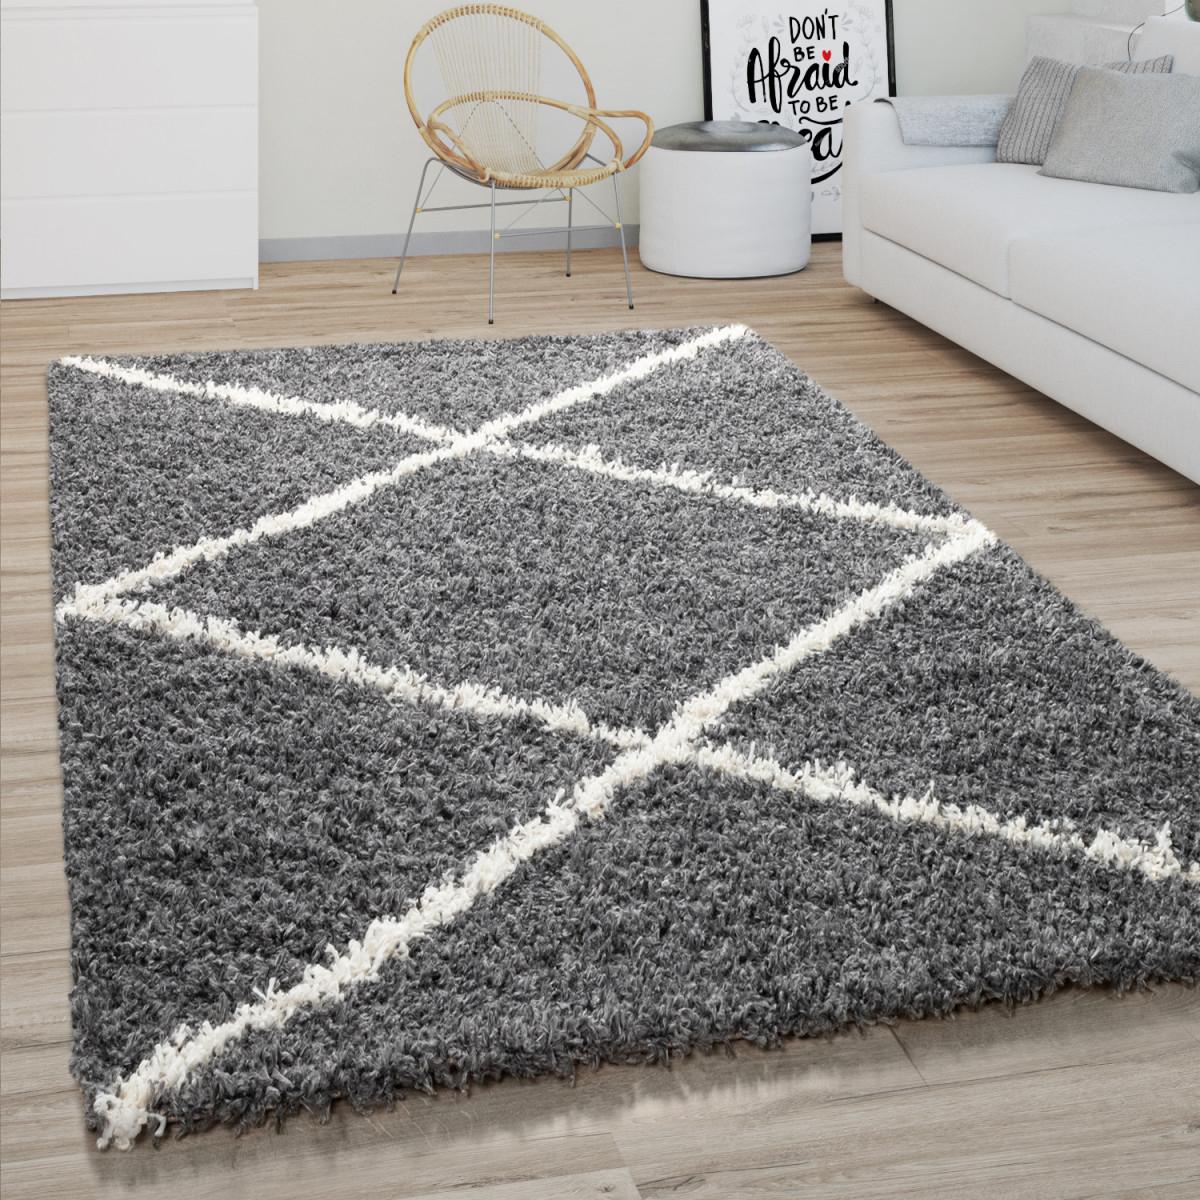 Hochflor Teppich Wohnzimmer Shaggy Skandinavisches Rauten Muster Modern  Dunkel Grau von Wohnzimmer Teppich Grau Photo